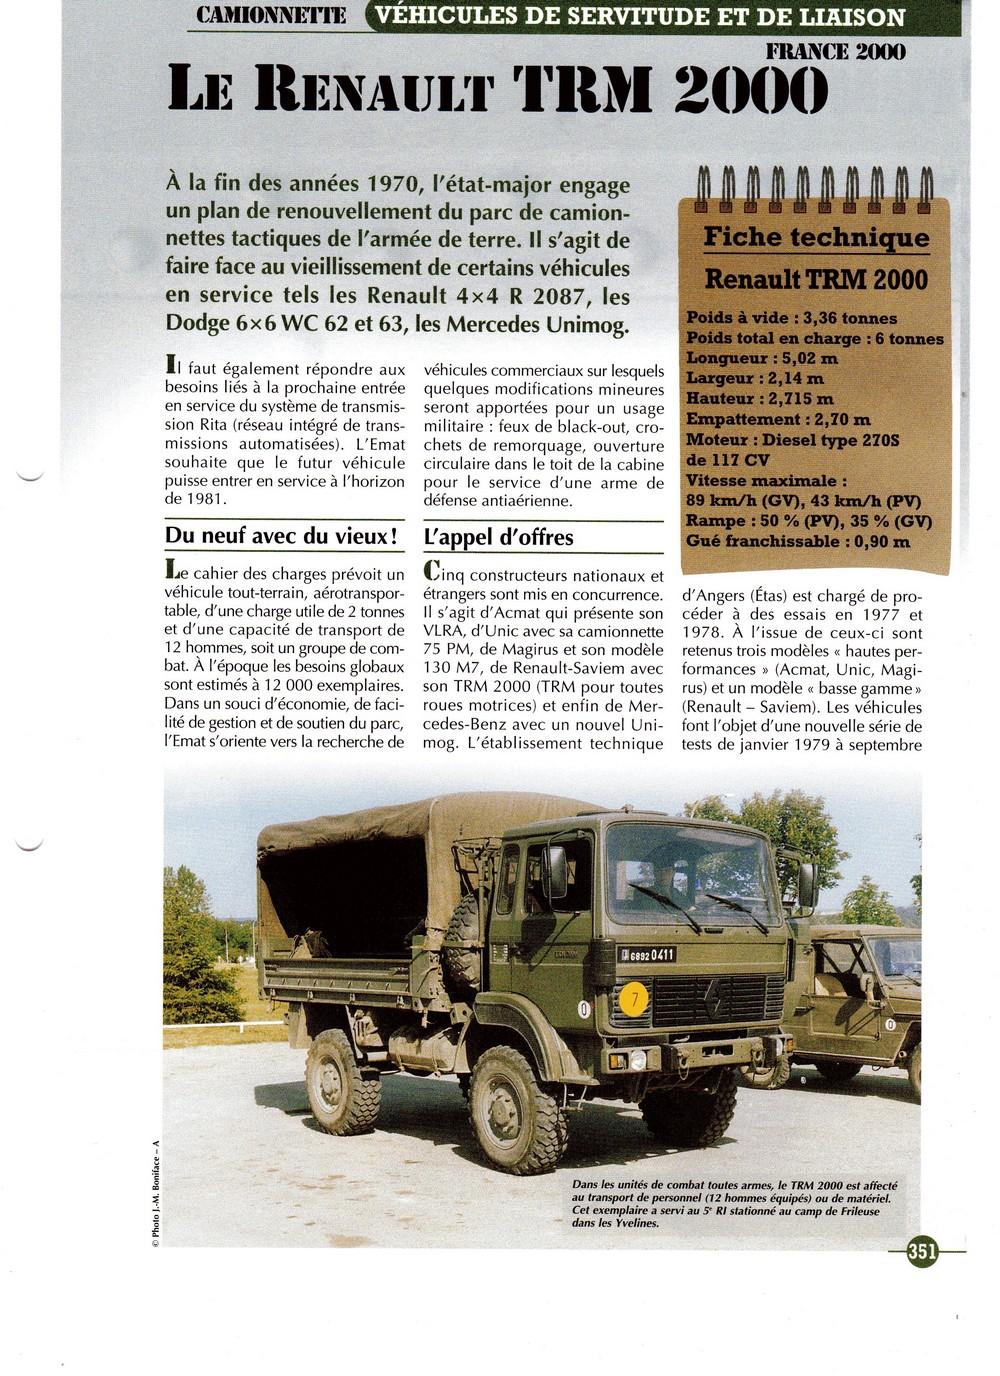 TRM 2000 (1)